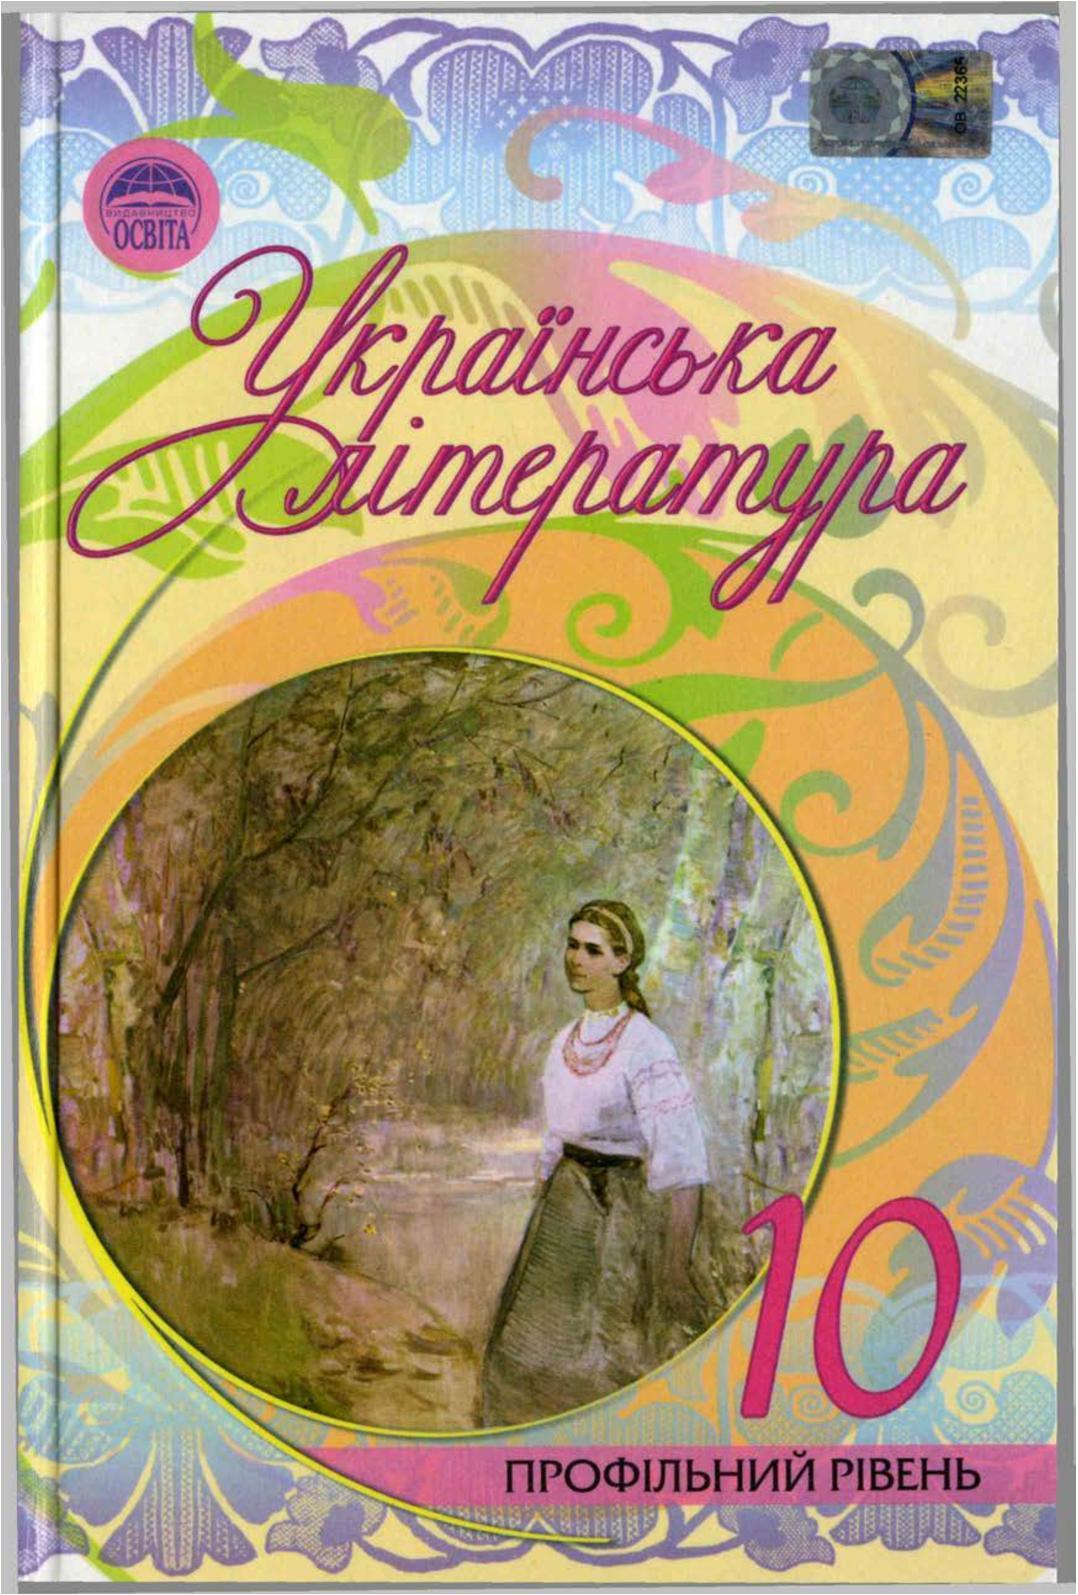 Calaméo - 10 класс. Украинский литература Semenjuk 2010 Prof 3b05ef310f70d